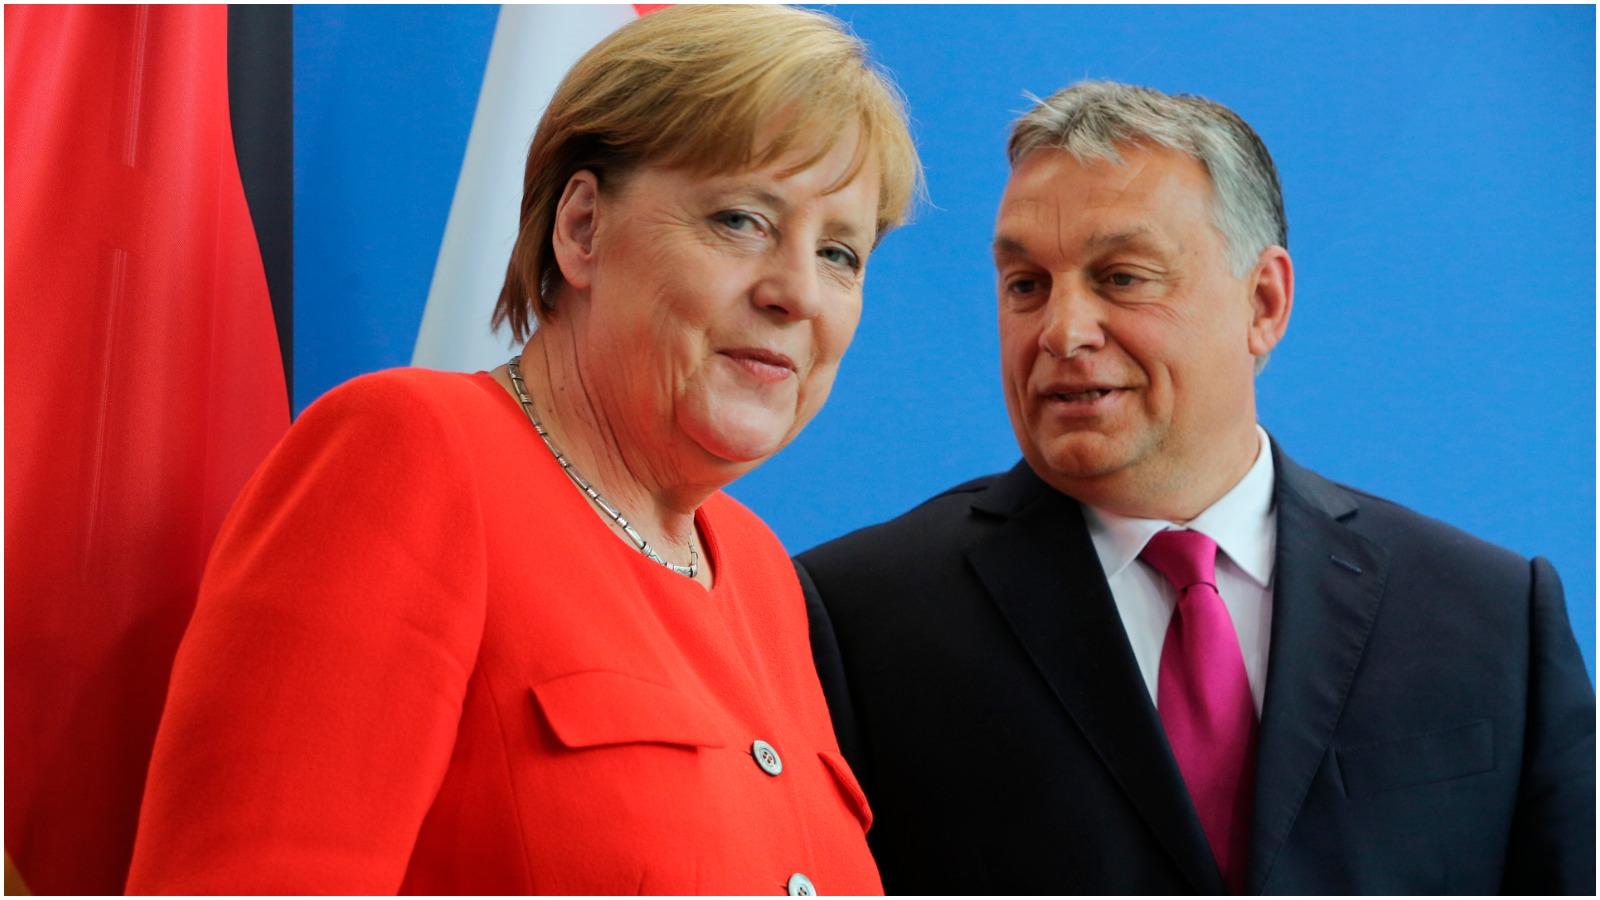 Ota Tiefenböck i RÆSON35: Nu udfordrer Østeuropa for alvor den vesteuropæiske liberalisme. Og mange vesteuropæere er helt enige i kritikken